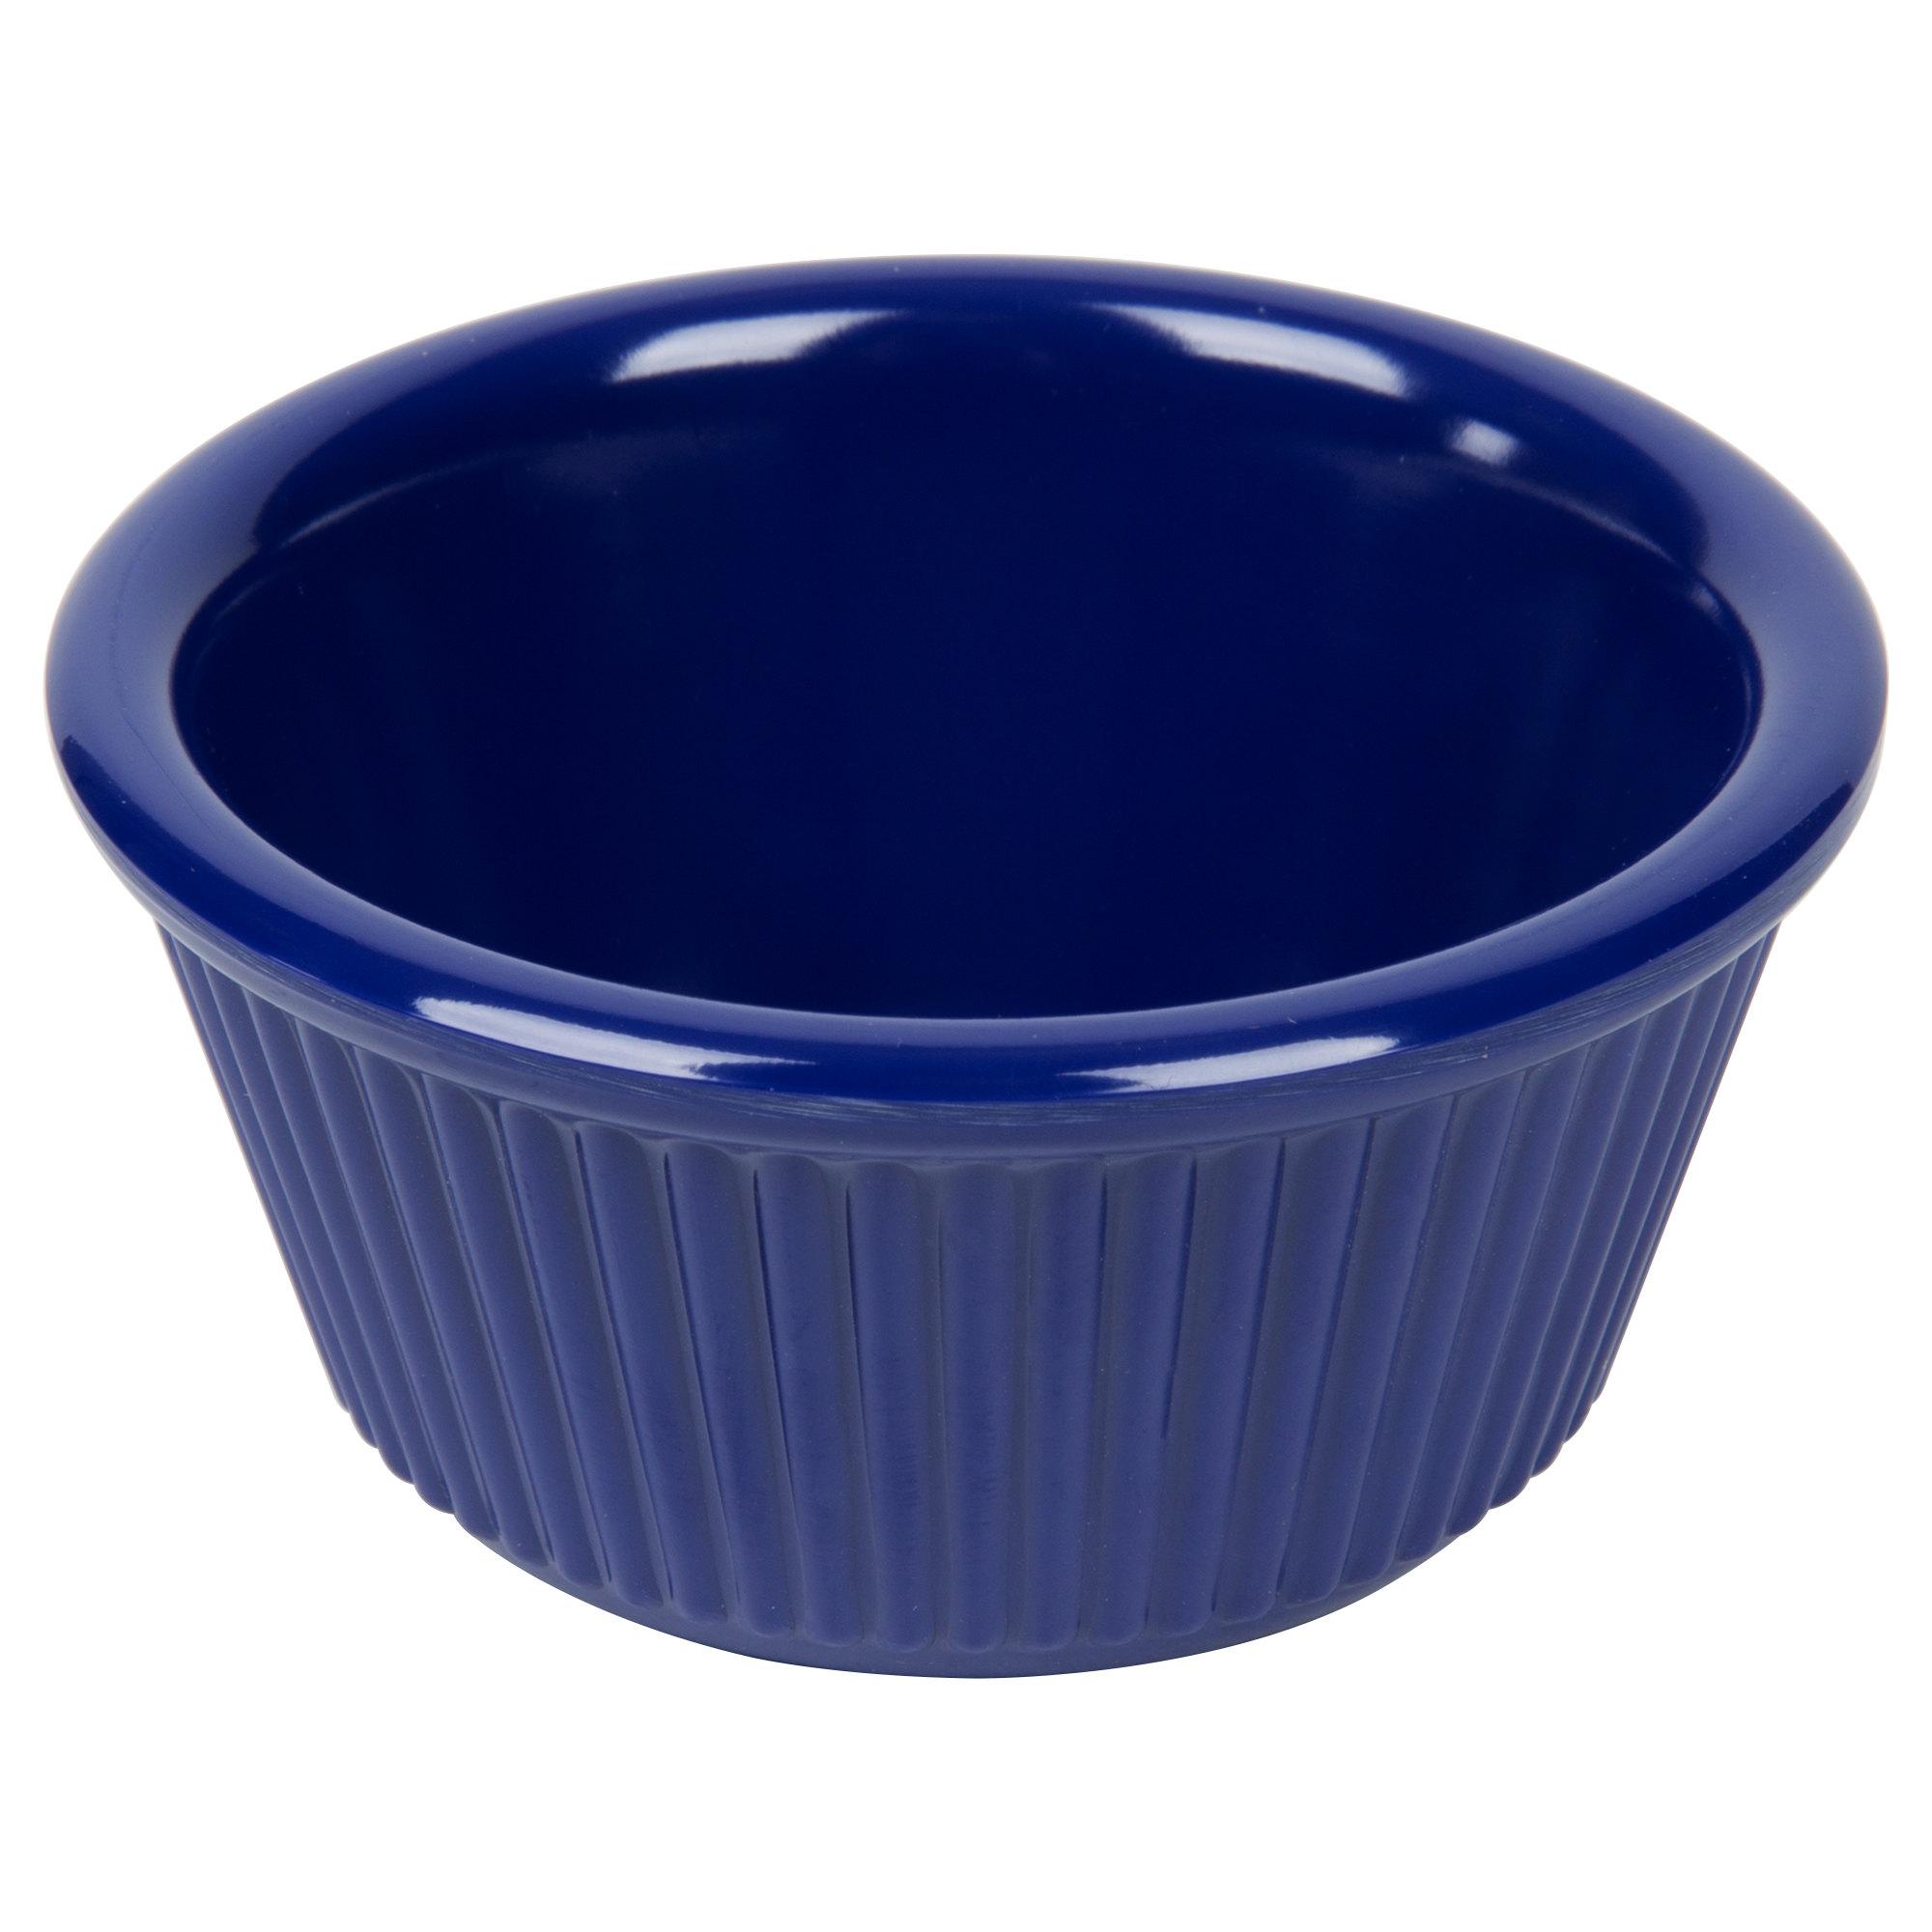 Navy blue round fluted melamine ramekin